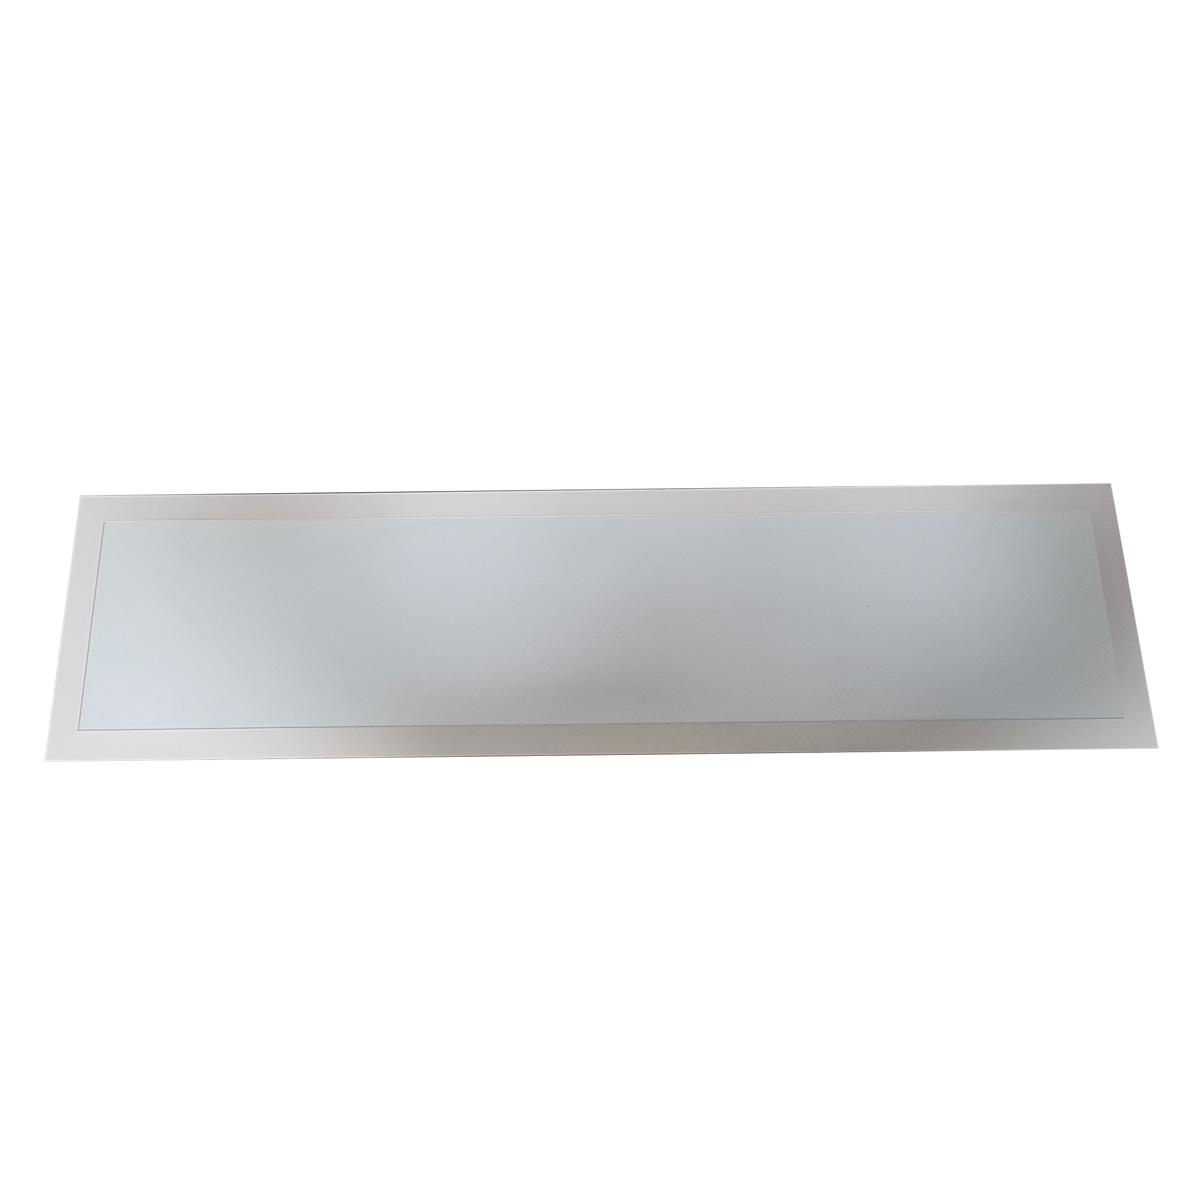 Luminária Plafon 30x120 48w LED Embutir Retangular Branco Quente 3000k